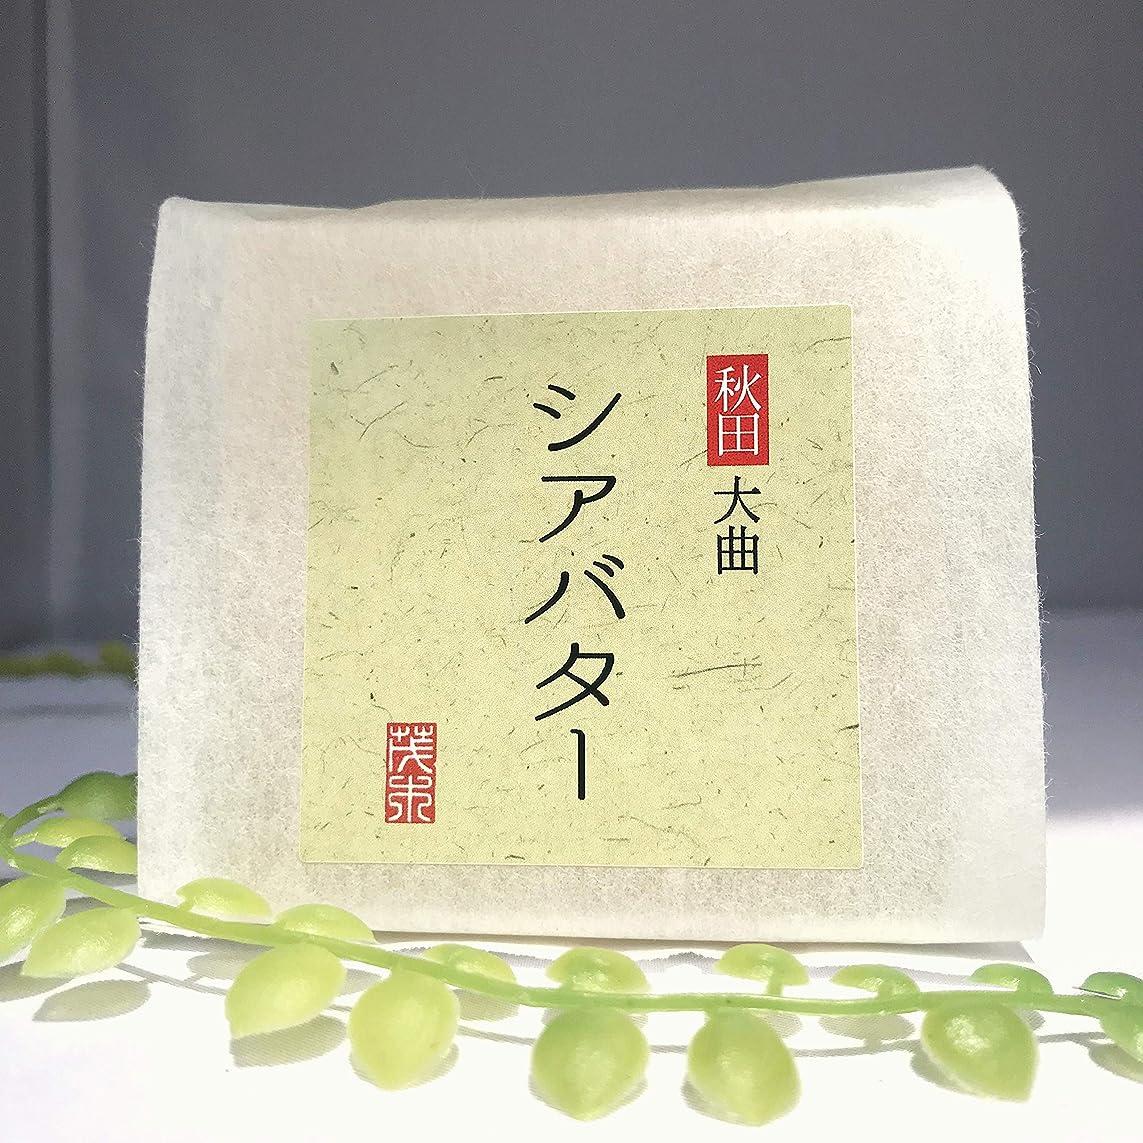 カポック考古学者心理的に無添加石鹸 シアバター石鹸 100g